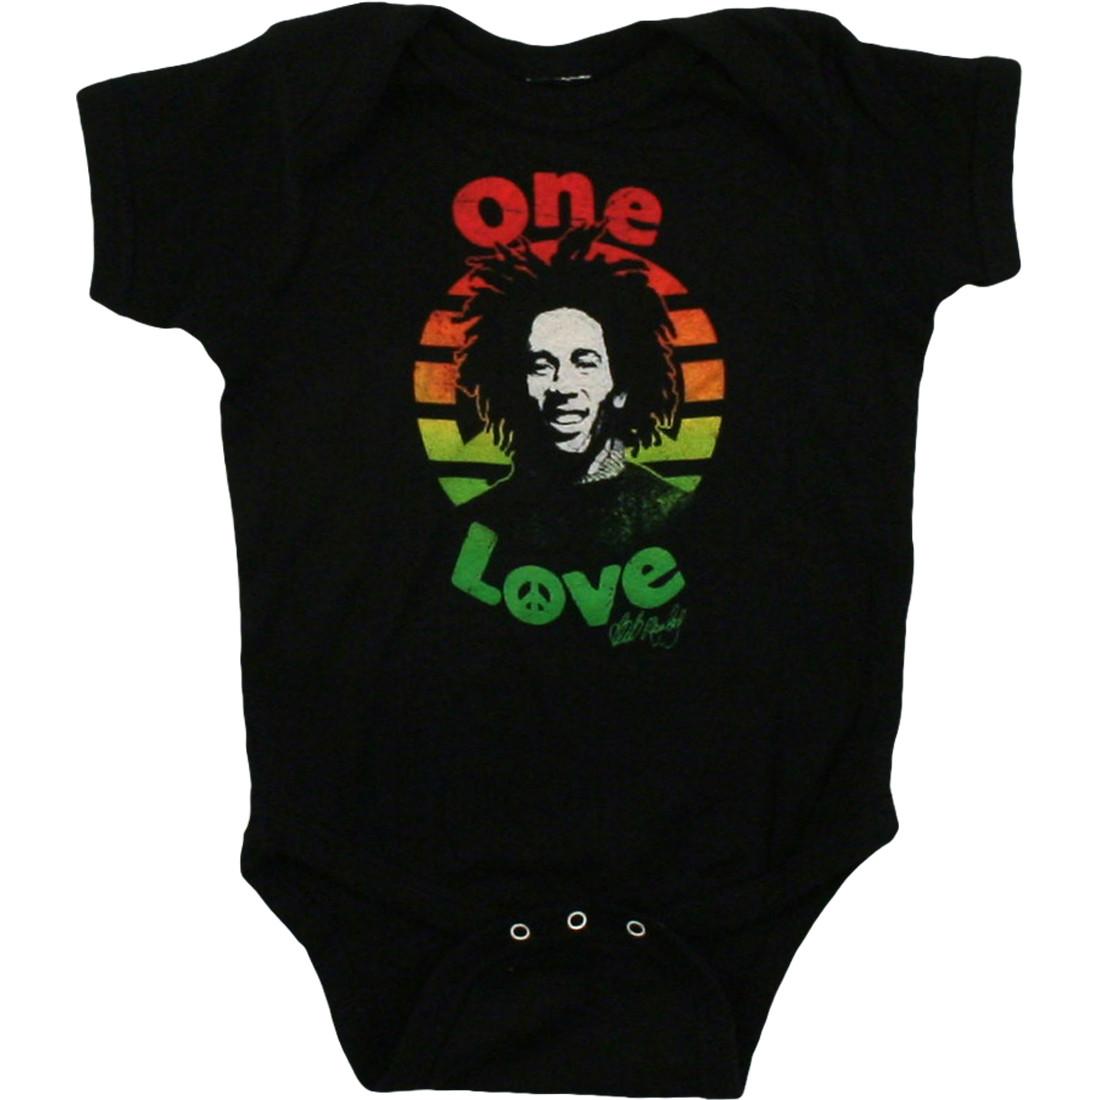 Marley One Love Black Onesie